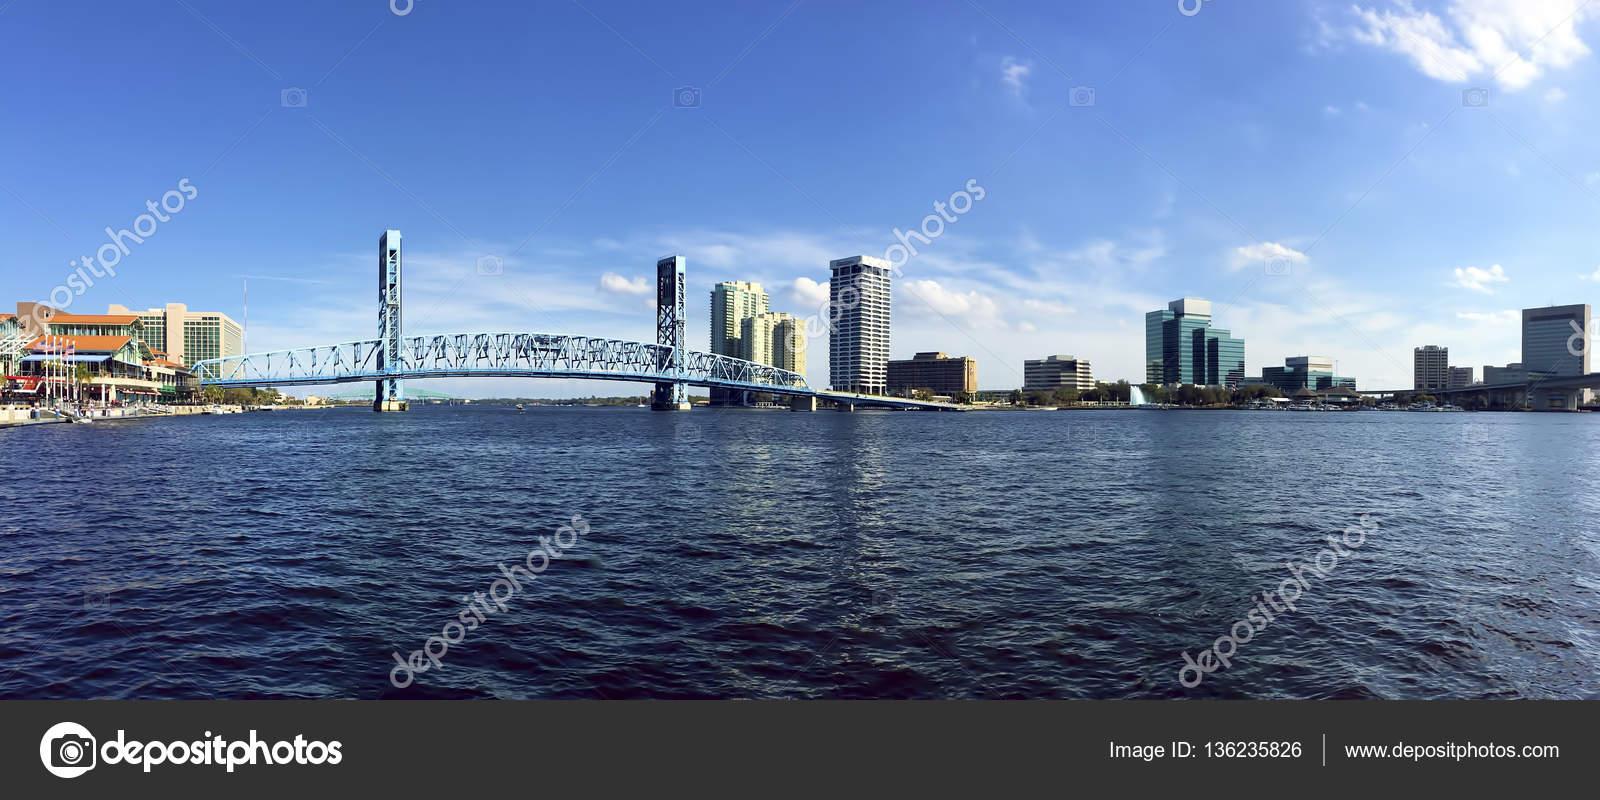 ジャクソンビル、フロリダ州、セ...